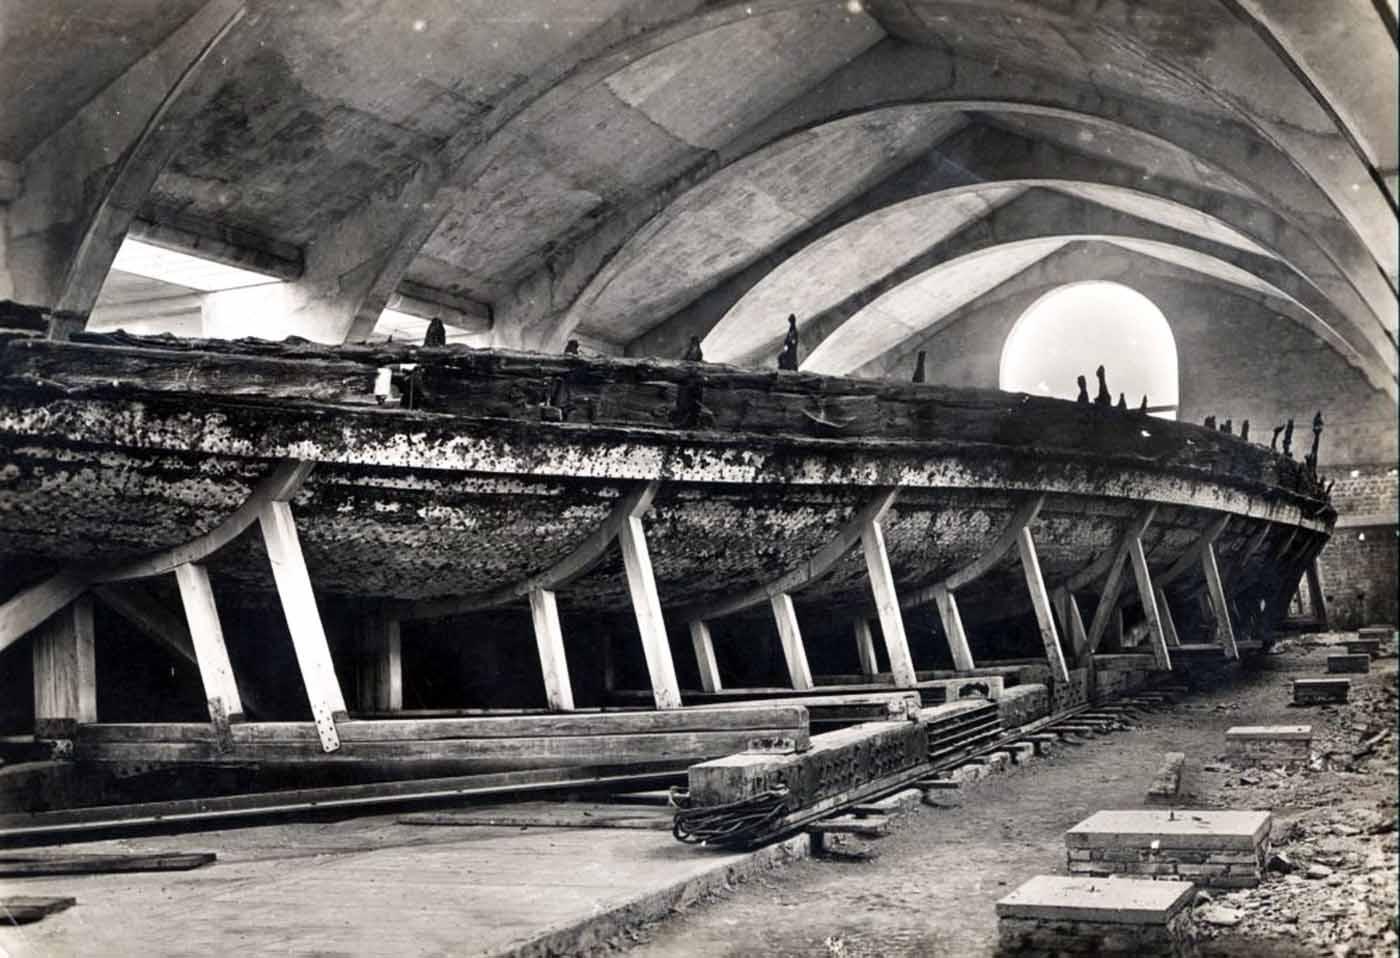 syracuse roman ship - photo#29